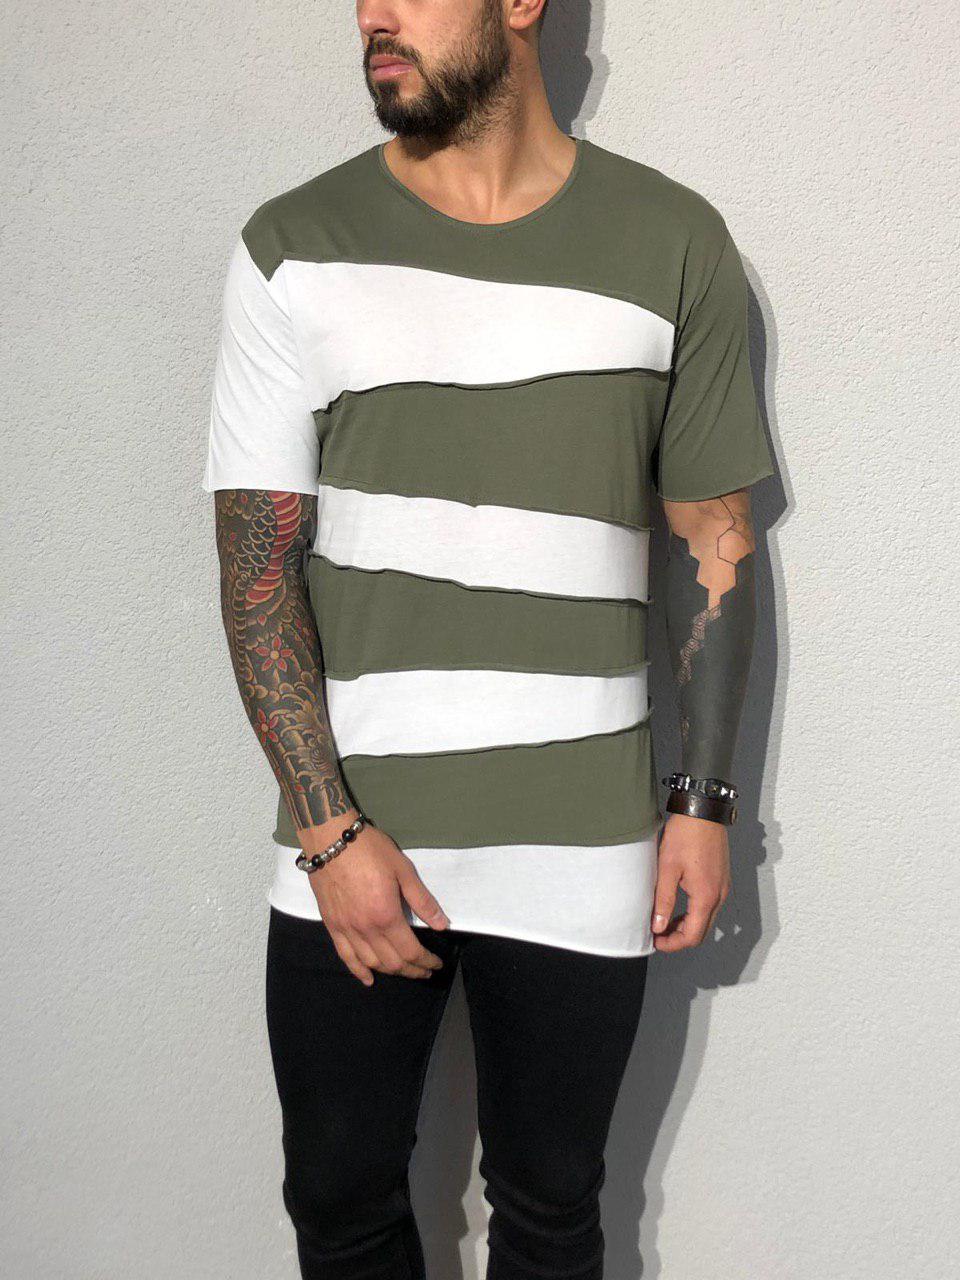 15453dc97542 Мужская футболка бело-оливковая ADA1930, цена 459 грн., купить в ...